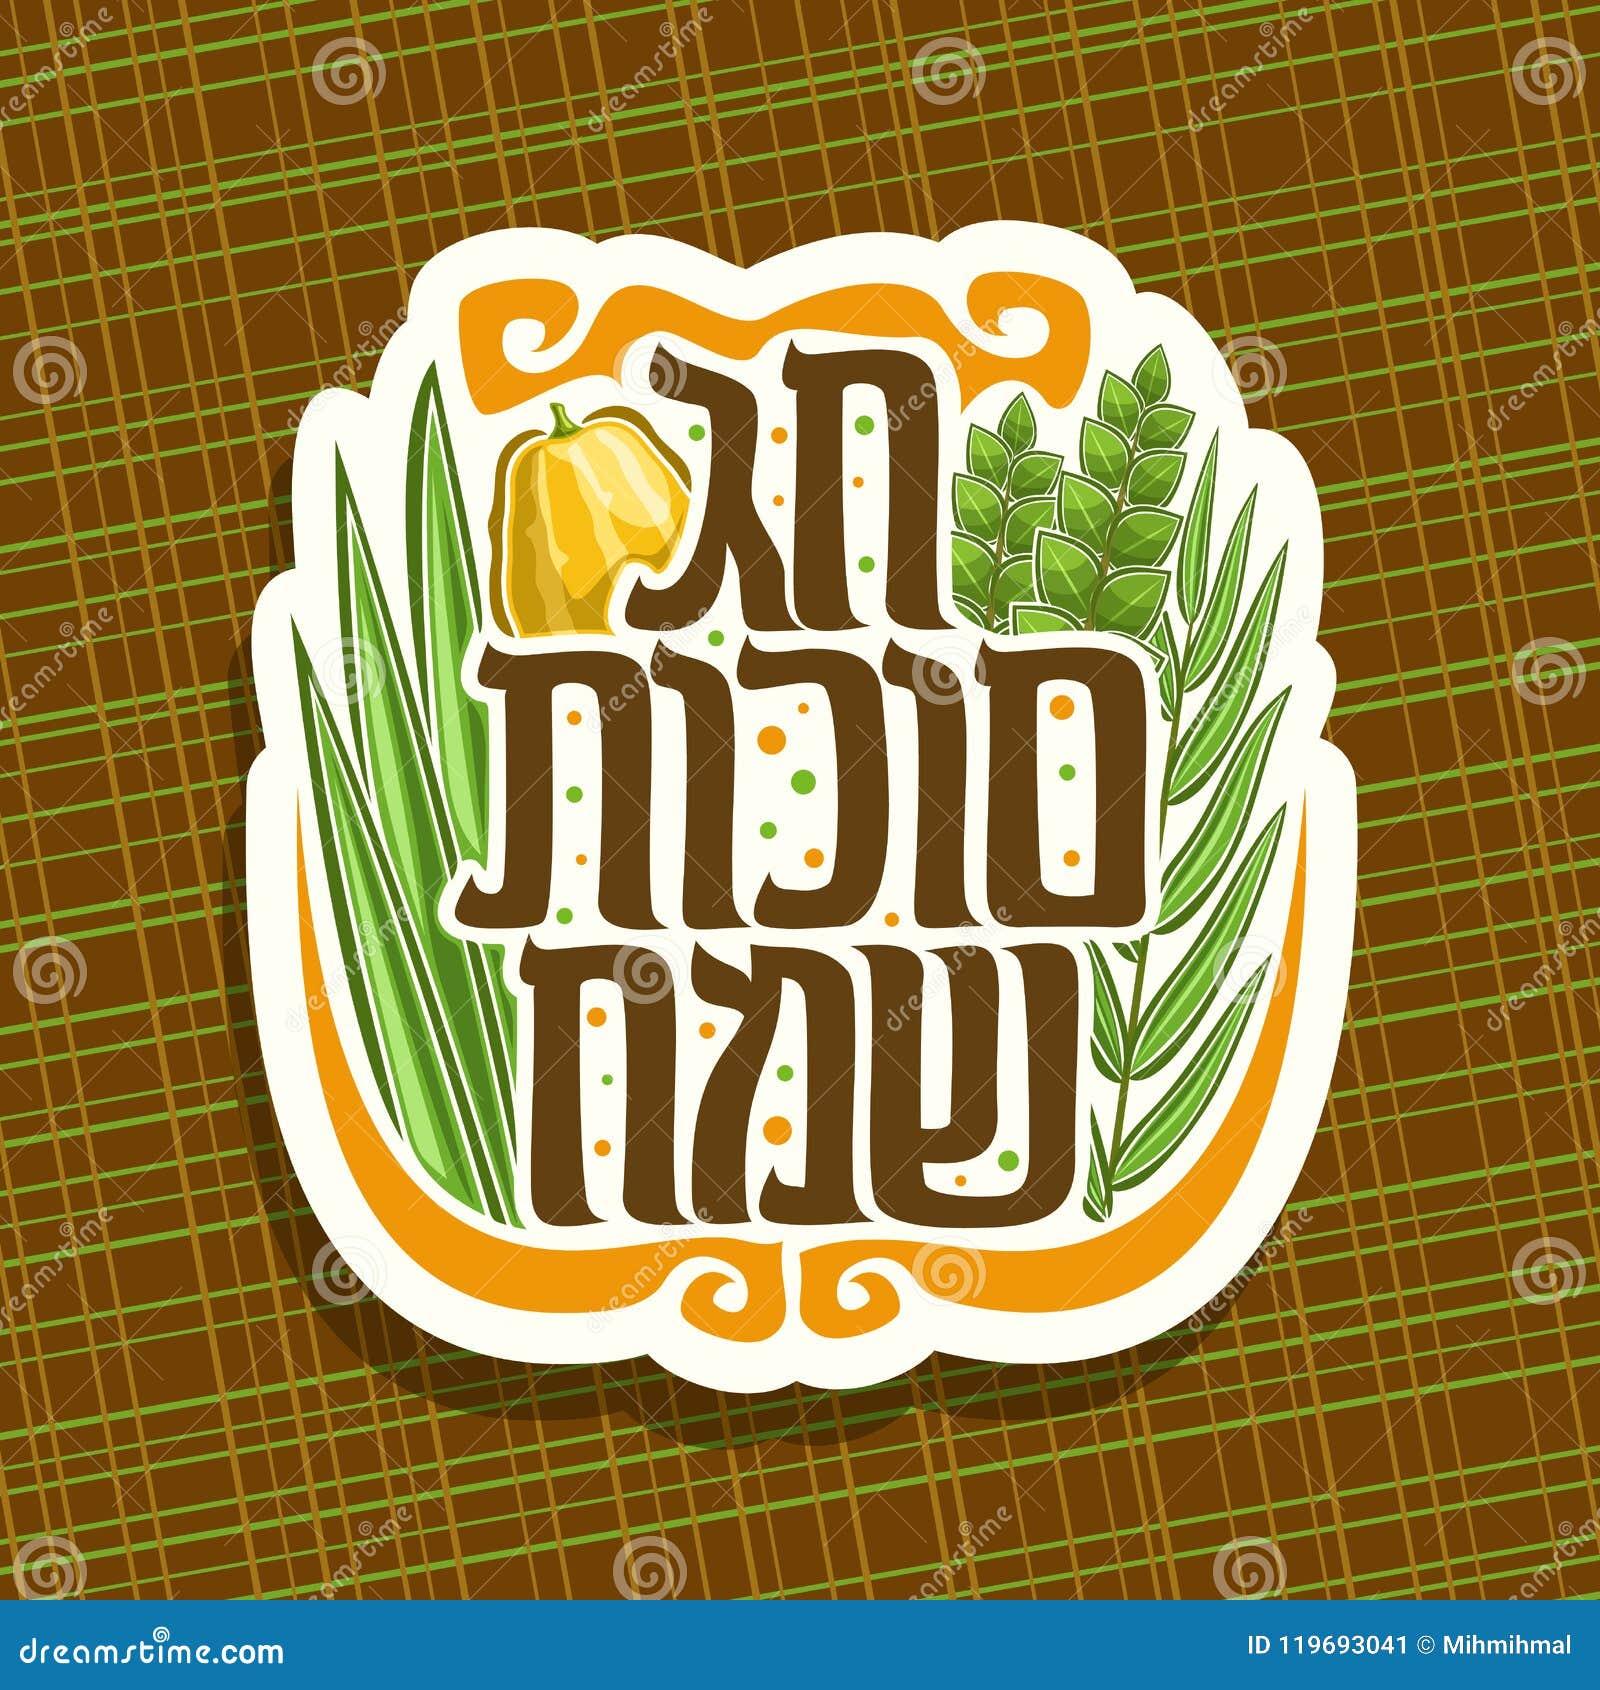 Congratulations to Sukkot in Hebrew 19